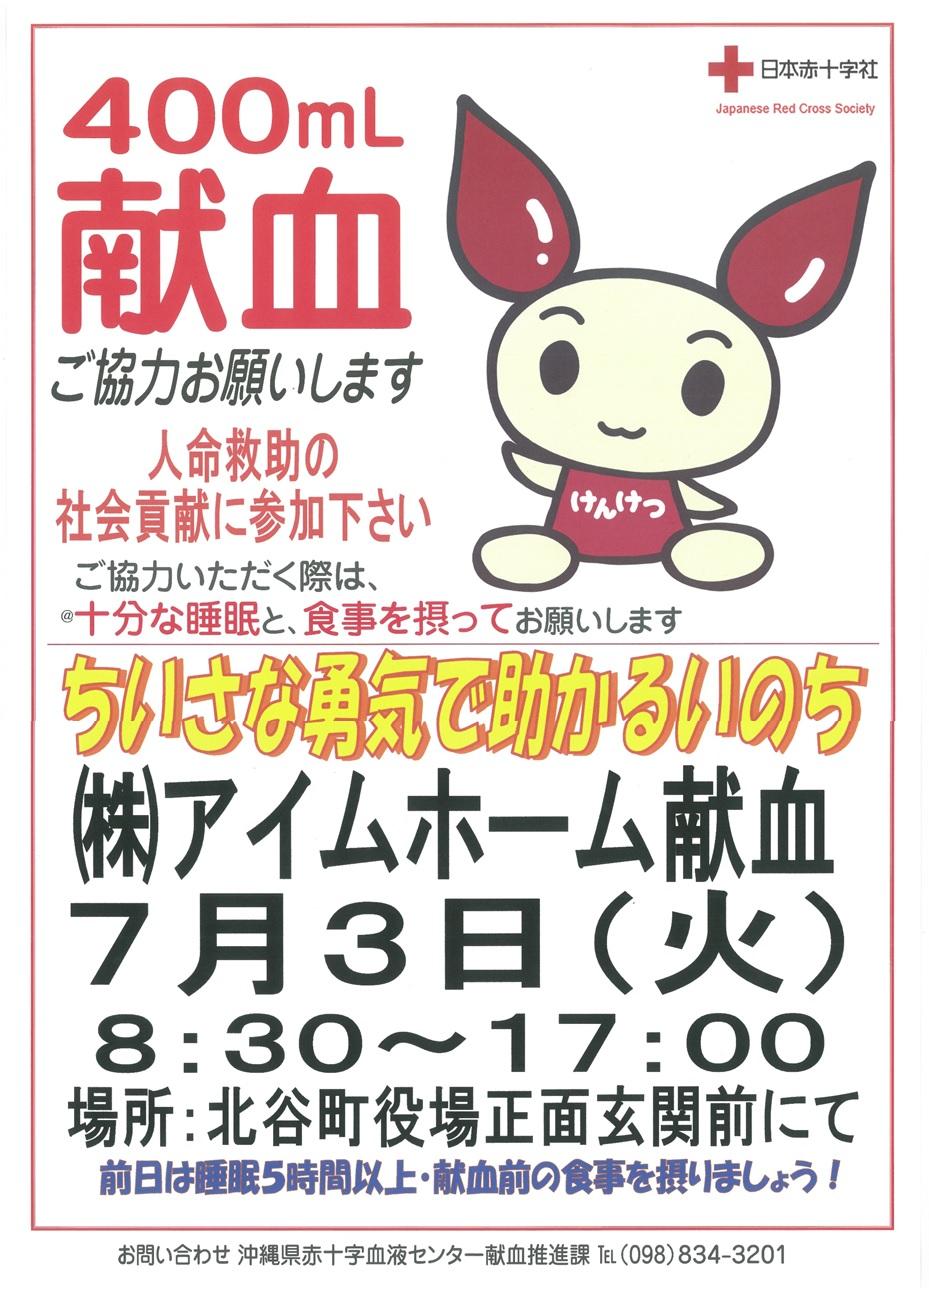 2018.07.03 献血ポスター